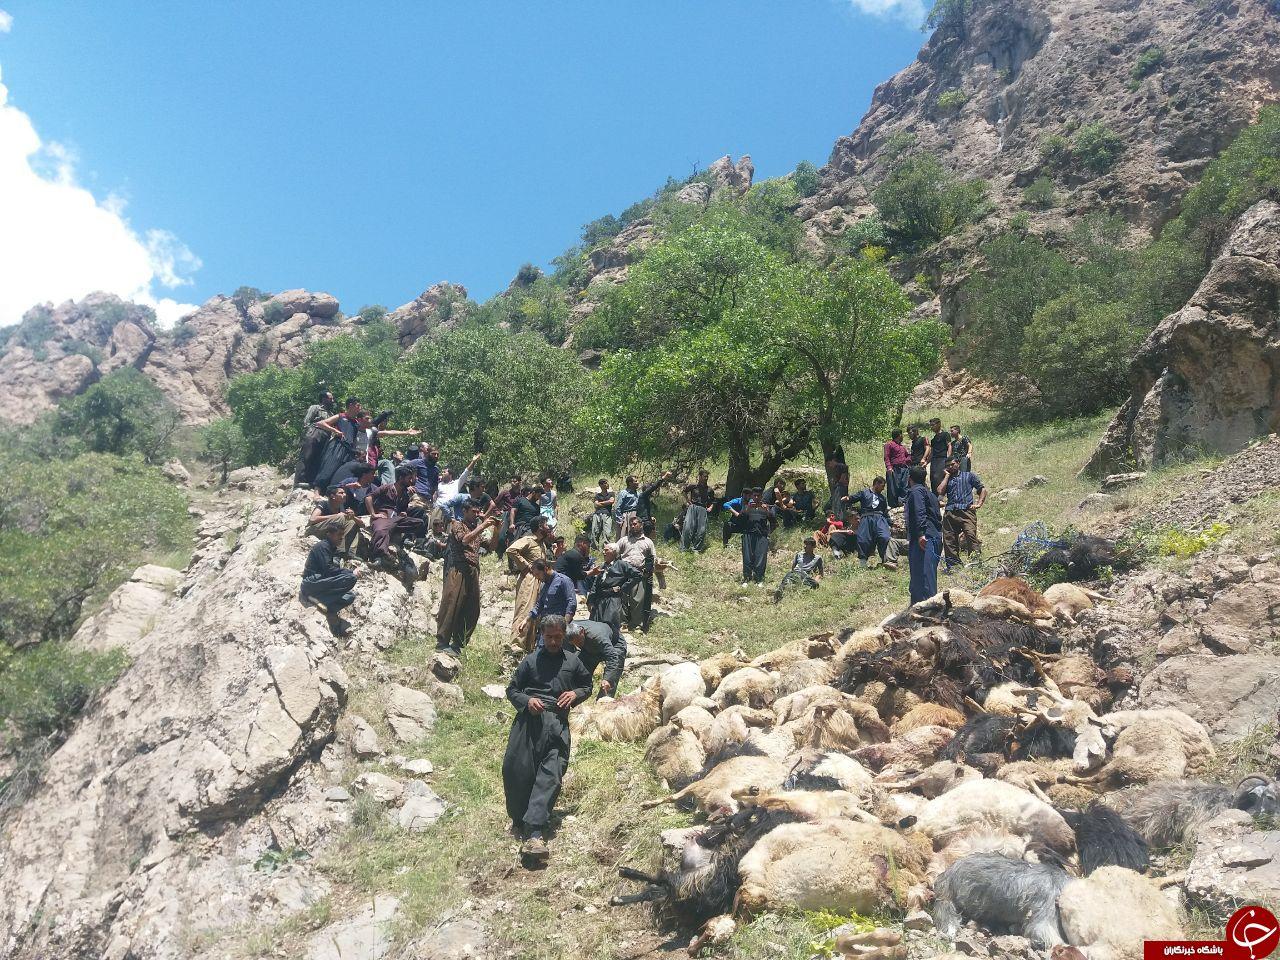 ۴۰۰ راس گوسفند در حمله ۲ پلنگ به گله تلف شدند